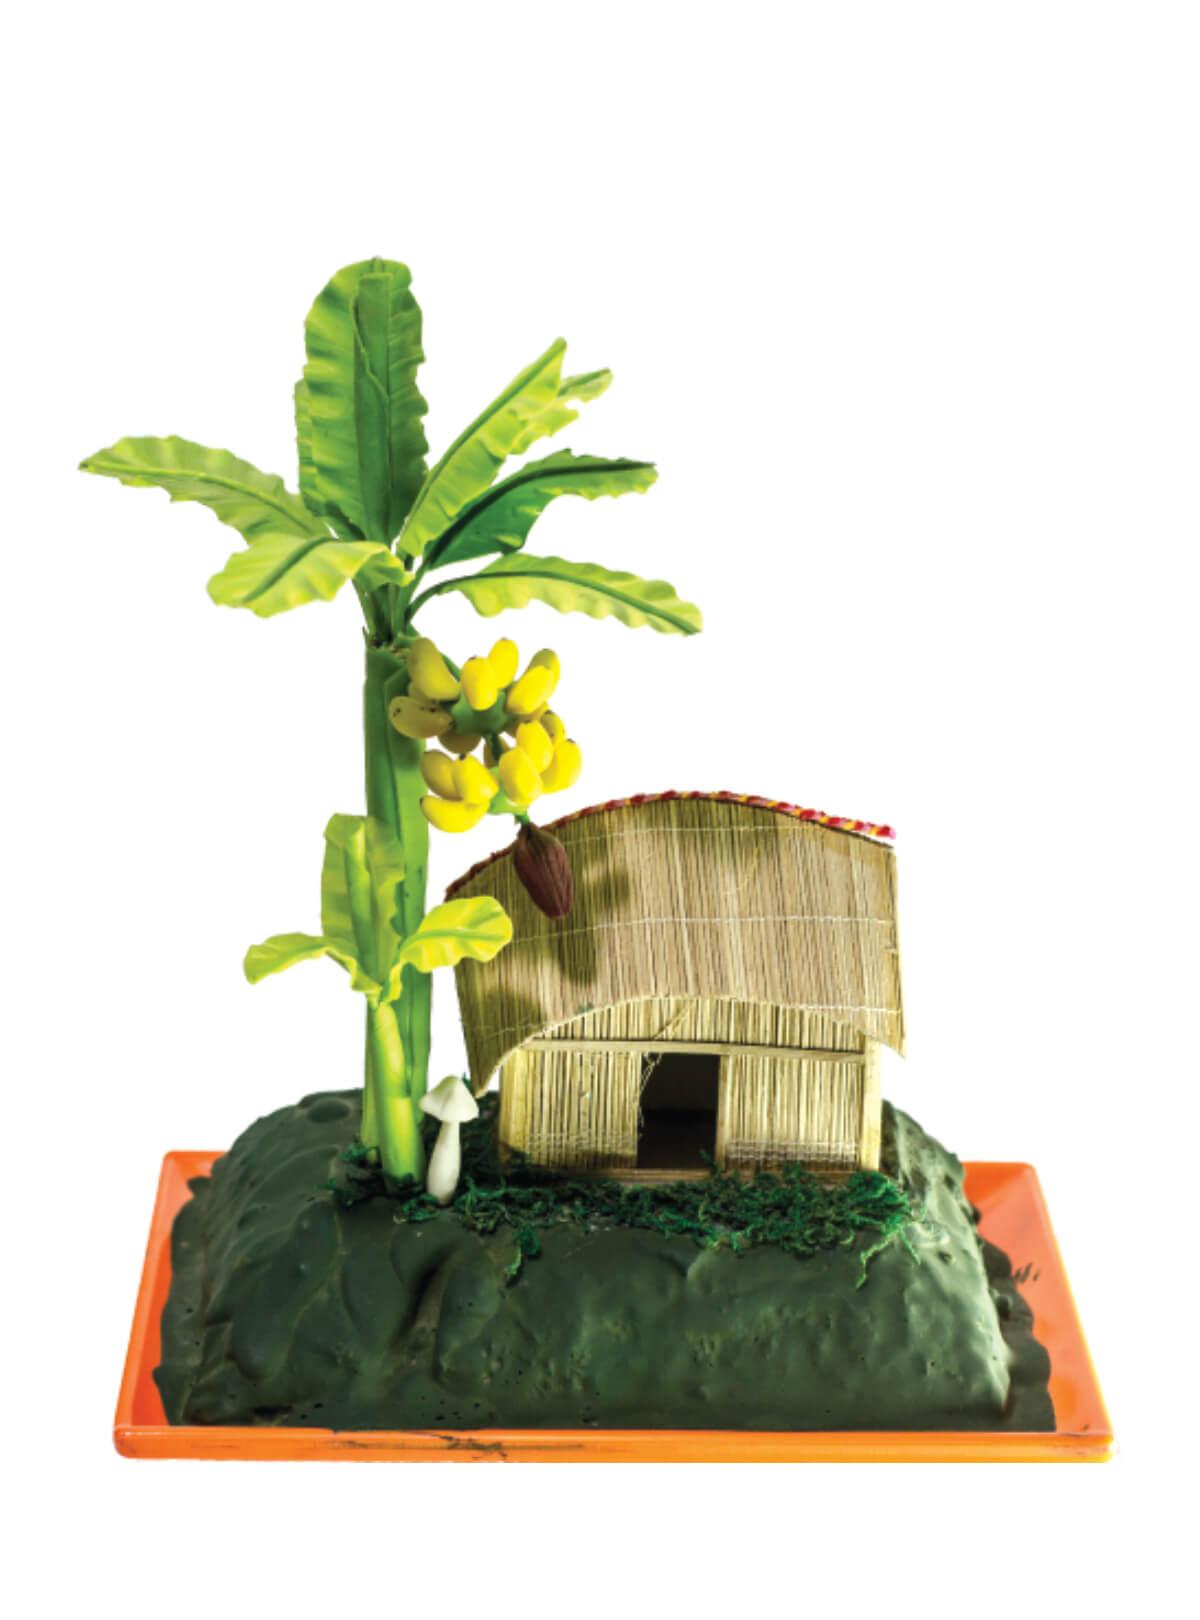 Village House and Banana Tree Showpiece